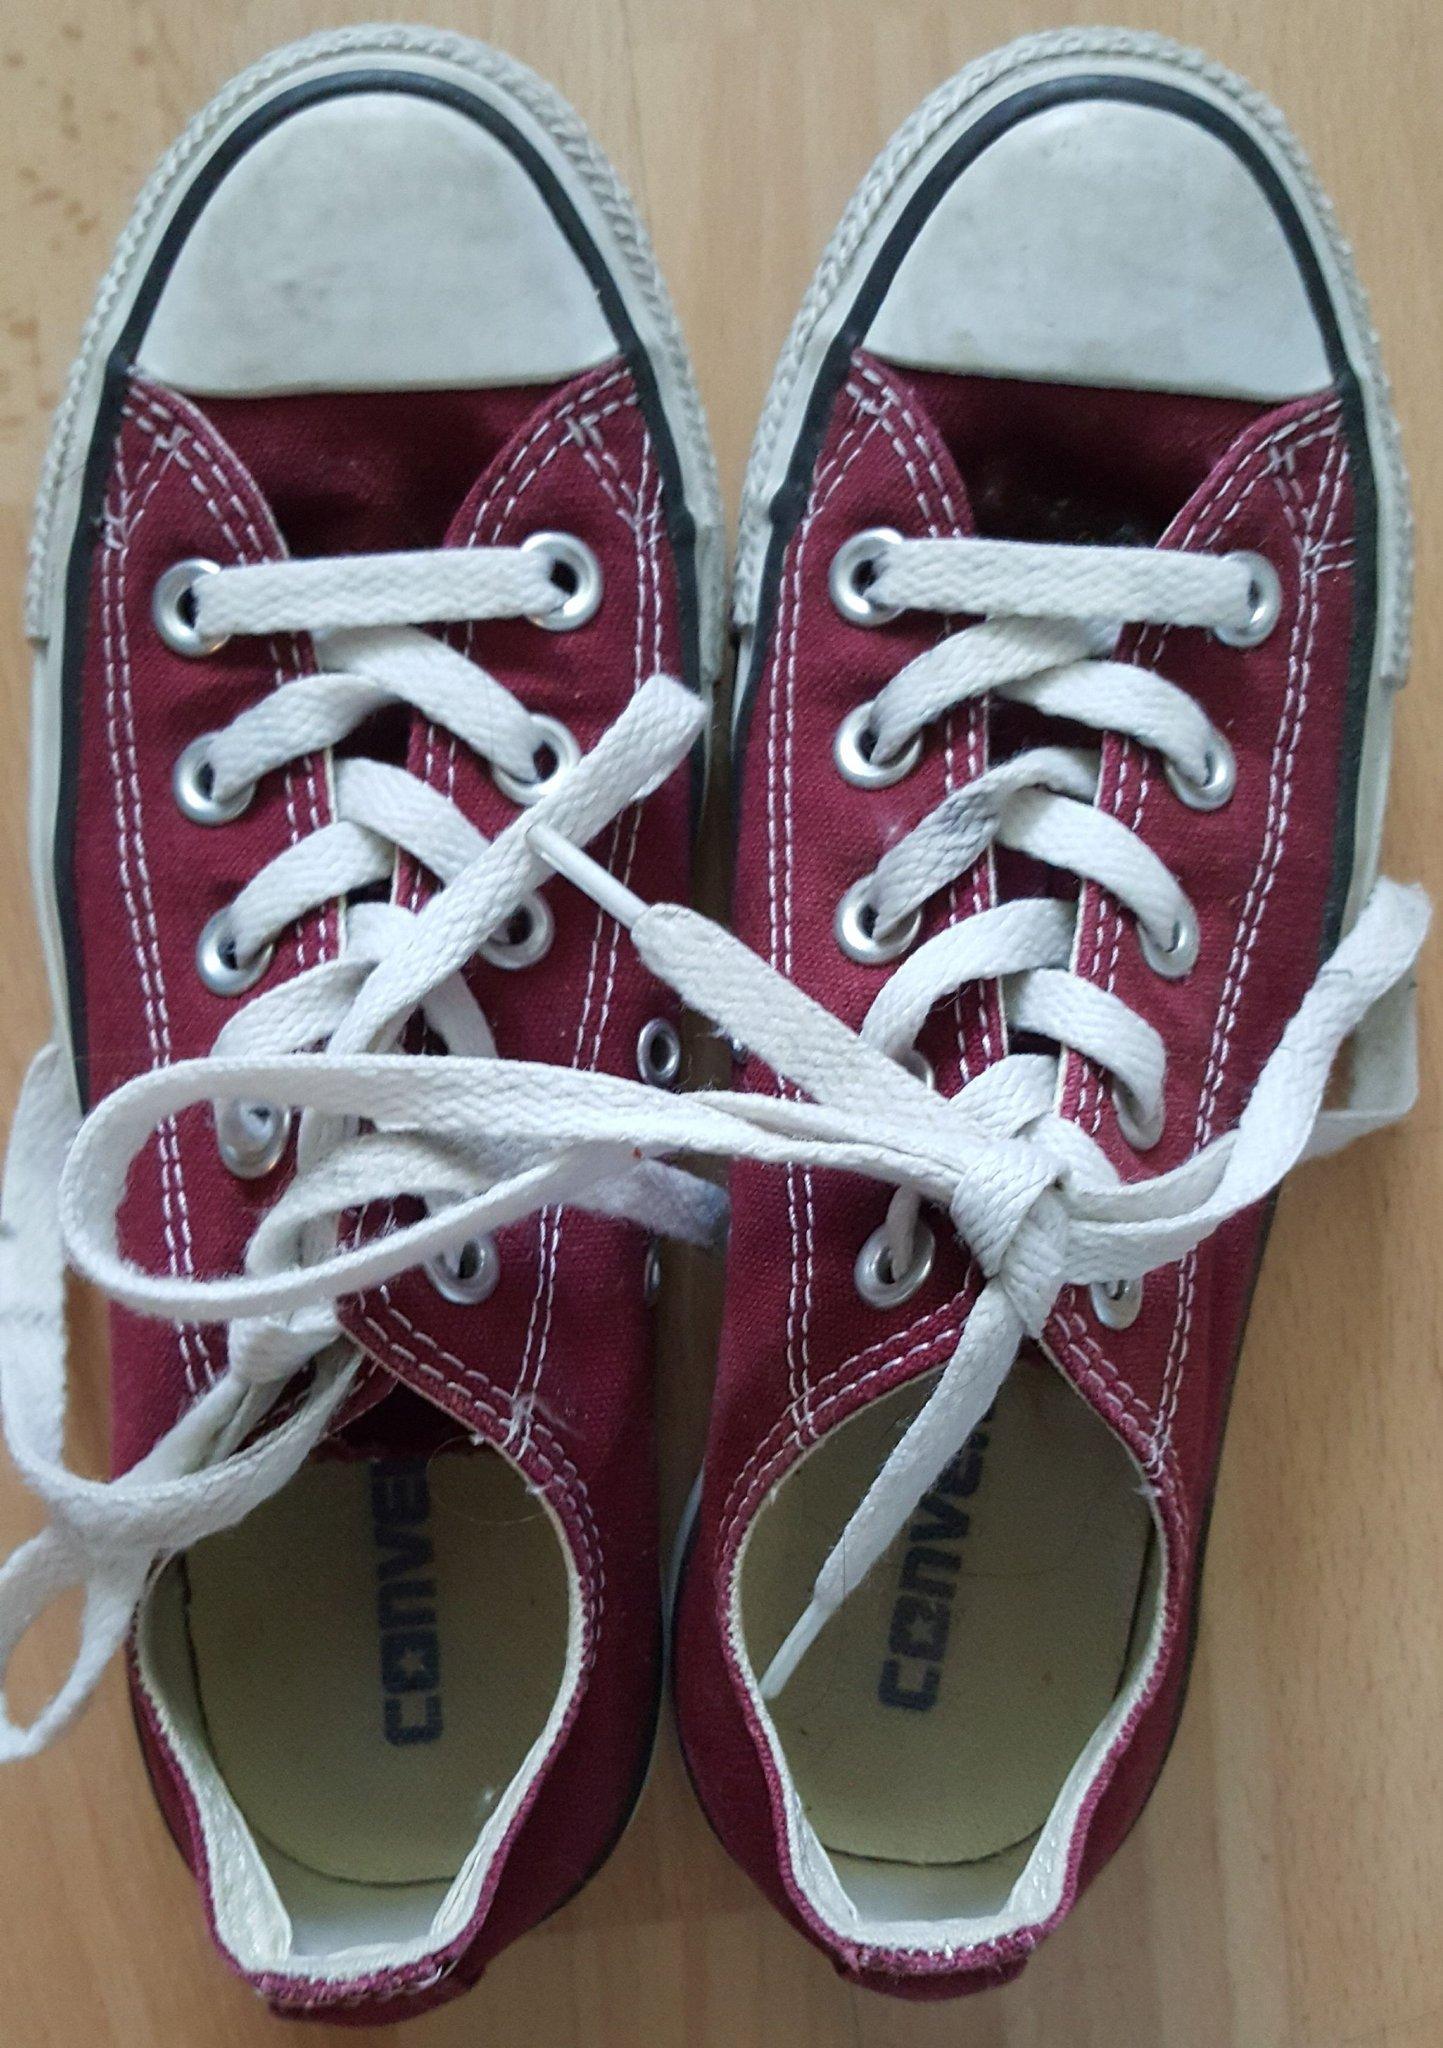 2921c97813a Vinröda Converse skor stl 35 (352992320) ᐈ Köp på Tradera